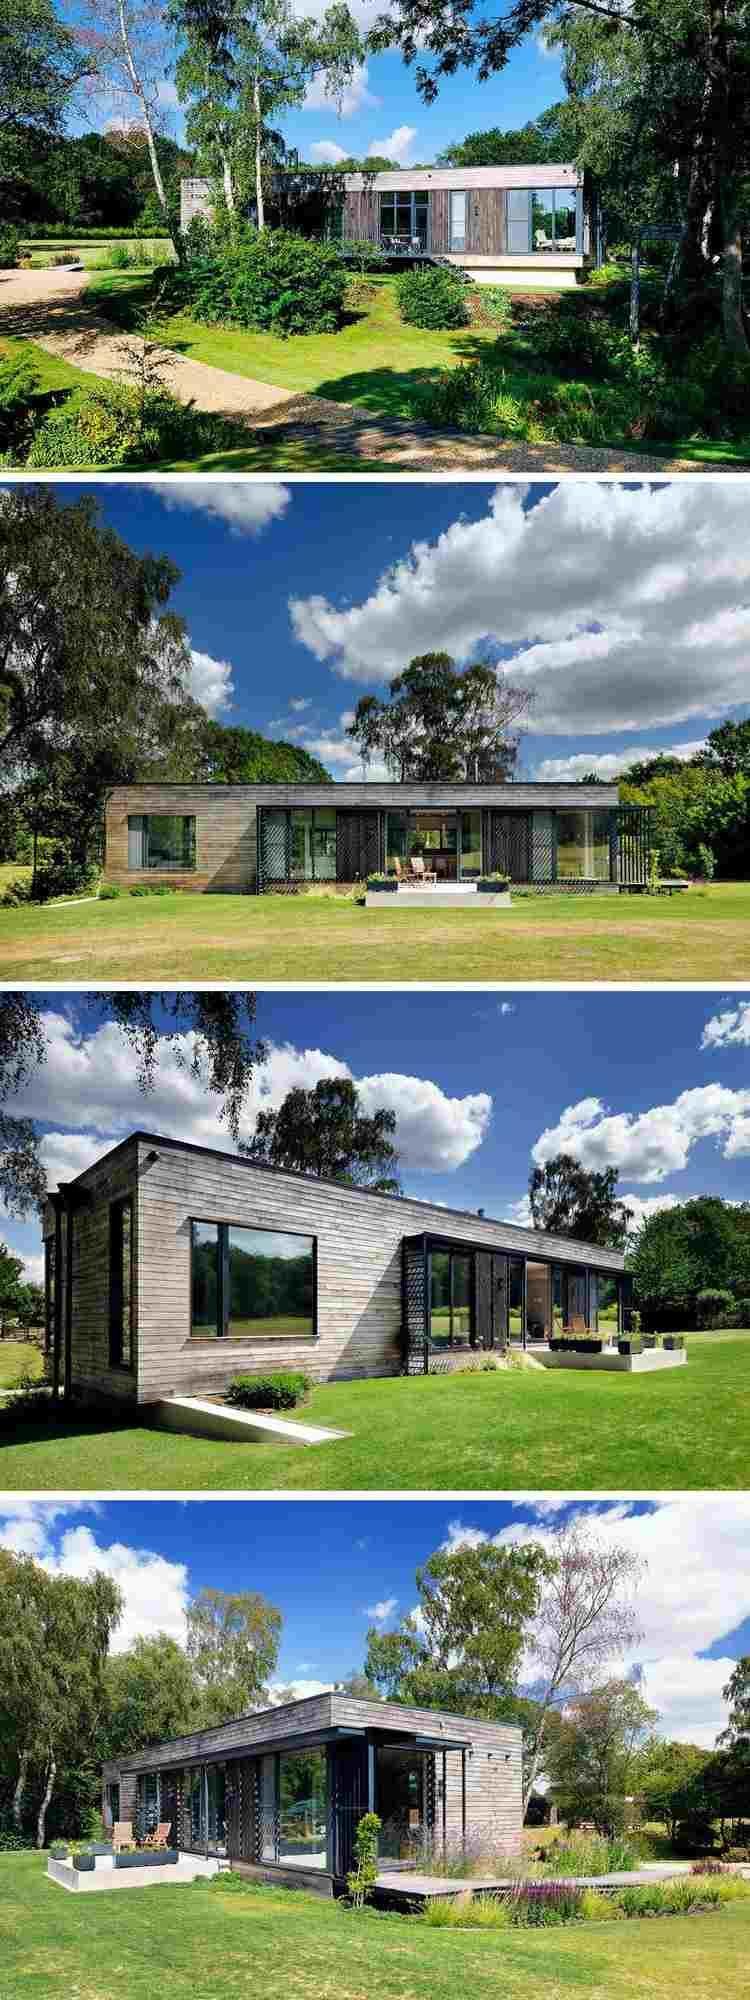 maison bbc avec parement en bois et int rieur spacieux id es et photos maison bbc jardin. Black Bedroom Furniture Sets. Home Design Ideas